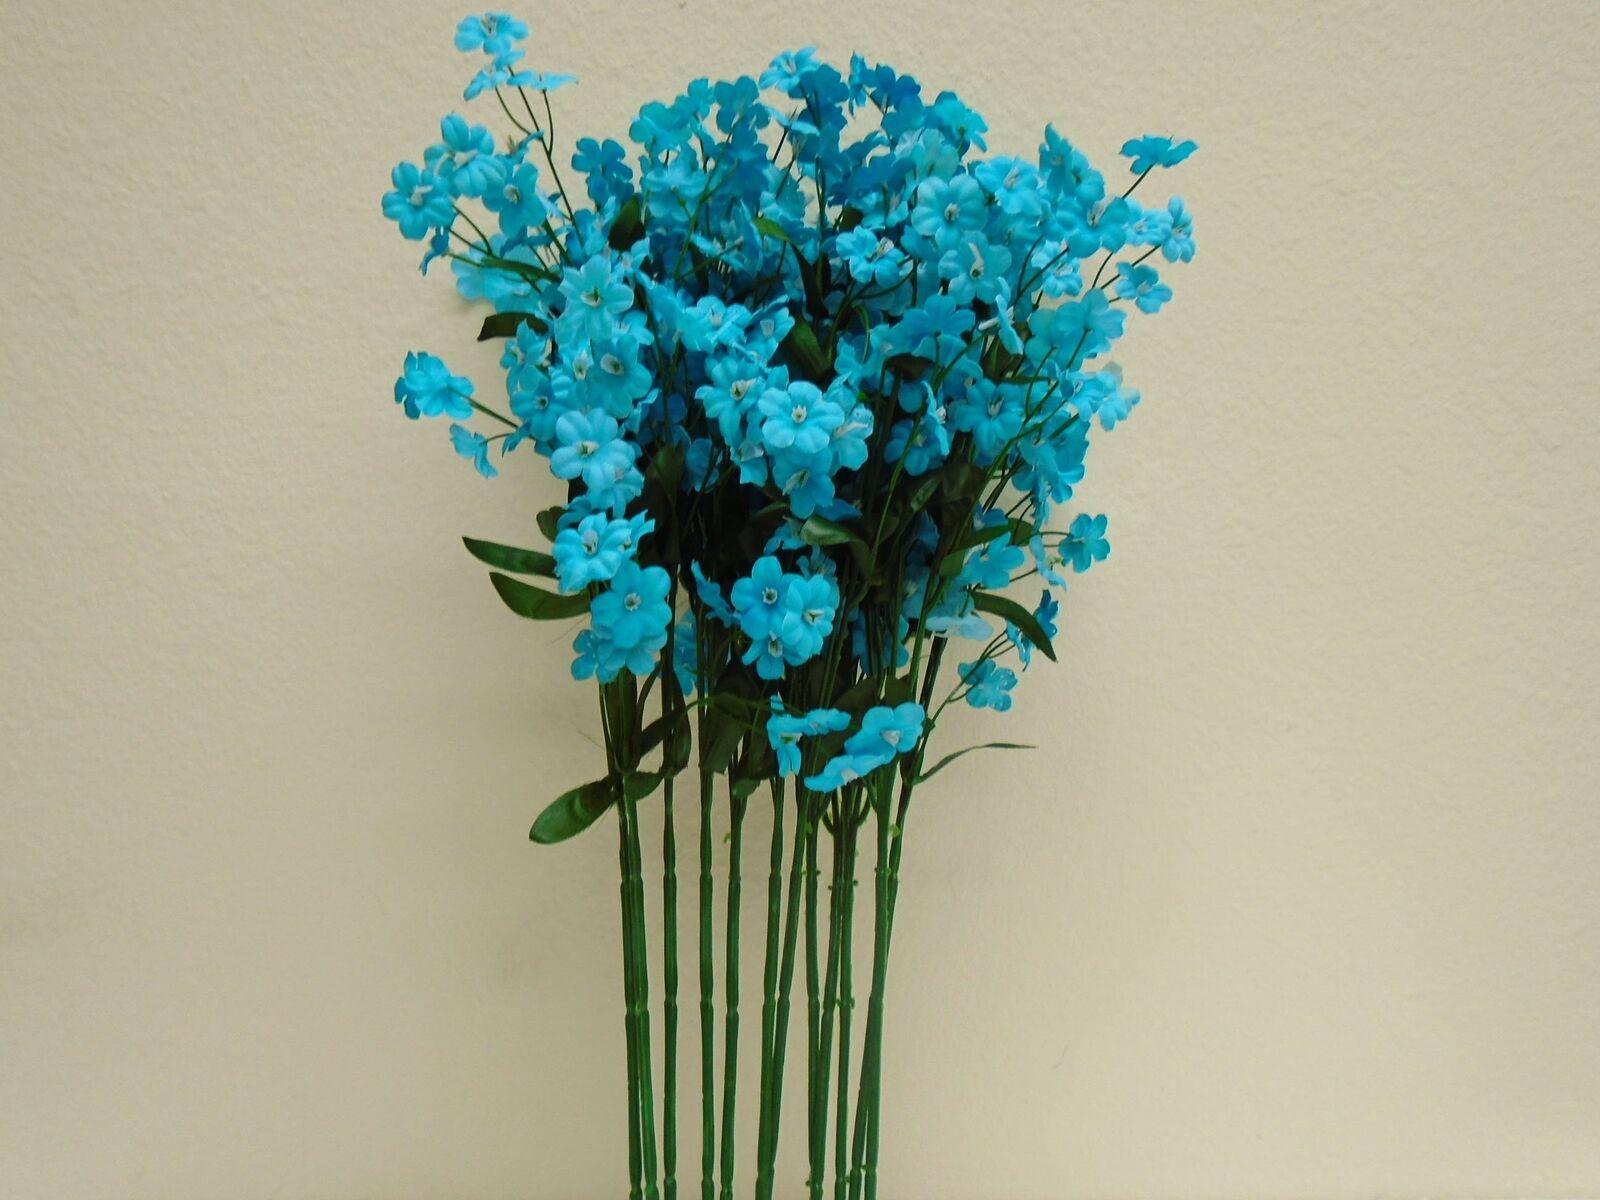 6 x ARTIFICIAL PALE MID BLUE GYPSOPHILA SPRAYS  WIRED STEMS 28cm